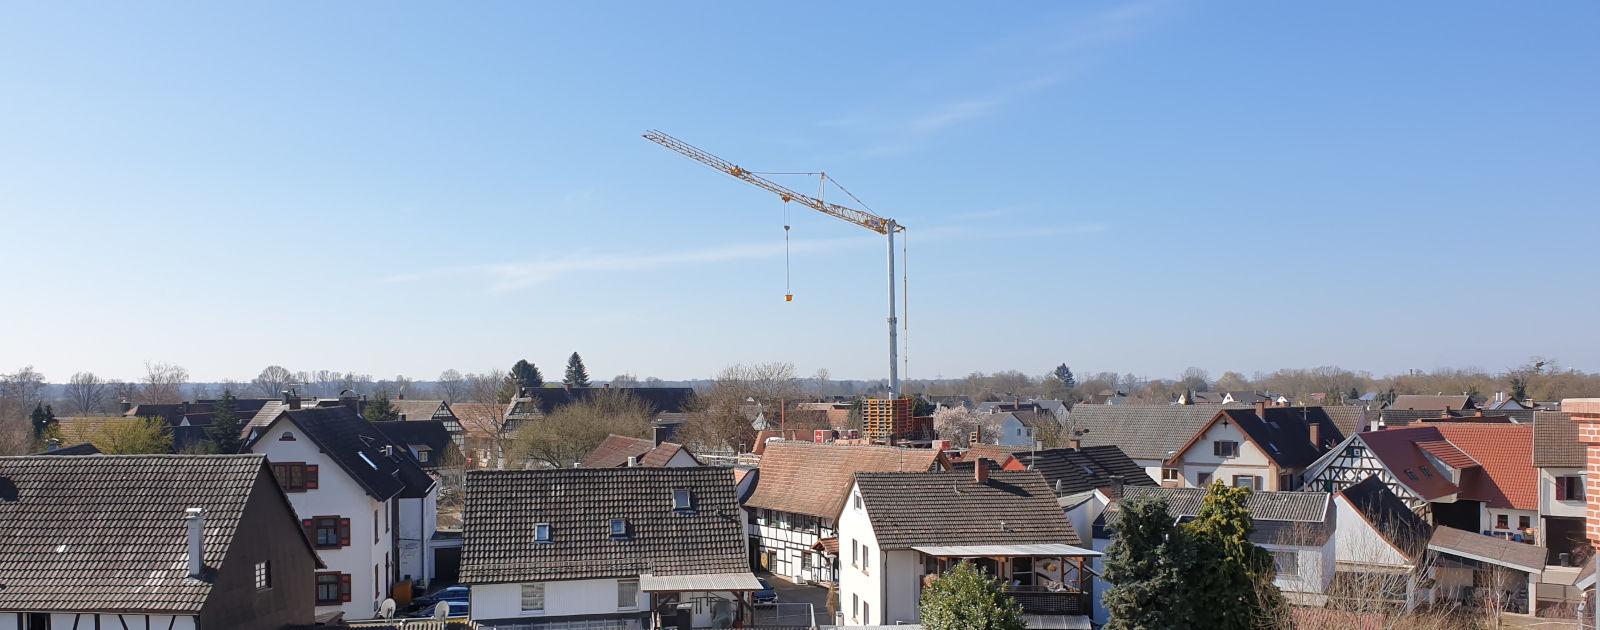 Baukran in Wohngebiet in Willstätt